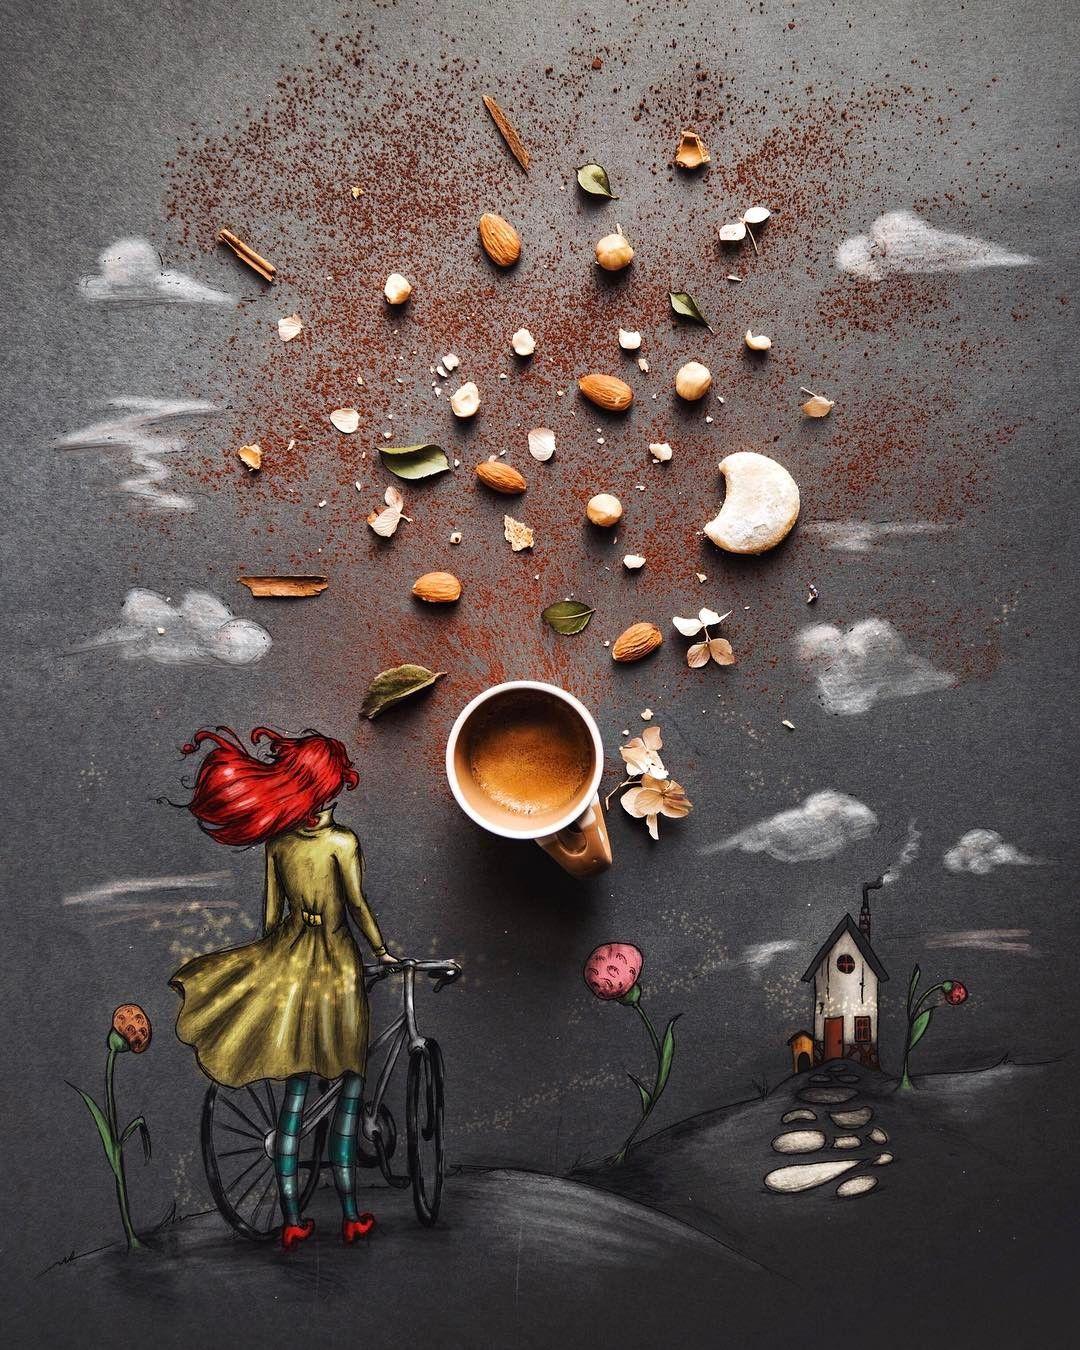 Macchina Caffè Cialde Ese Immagini